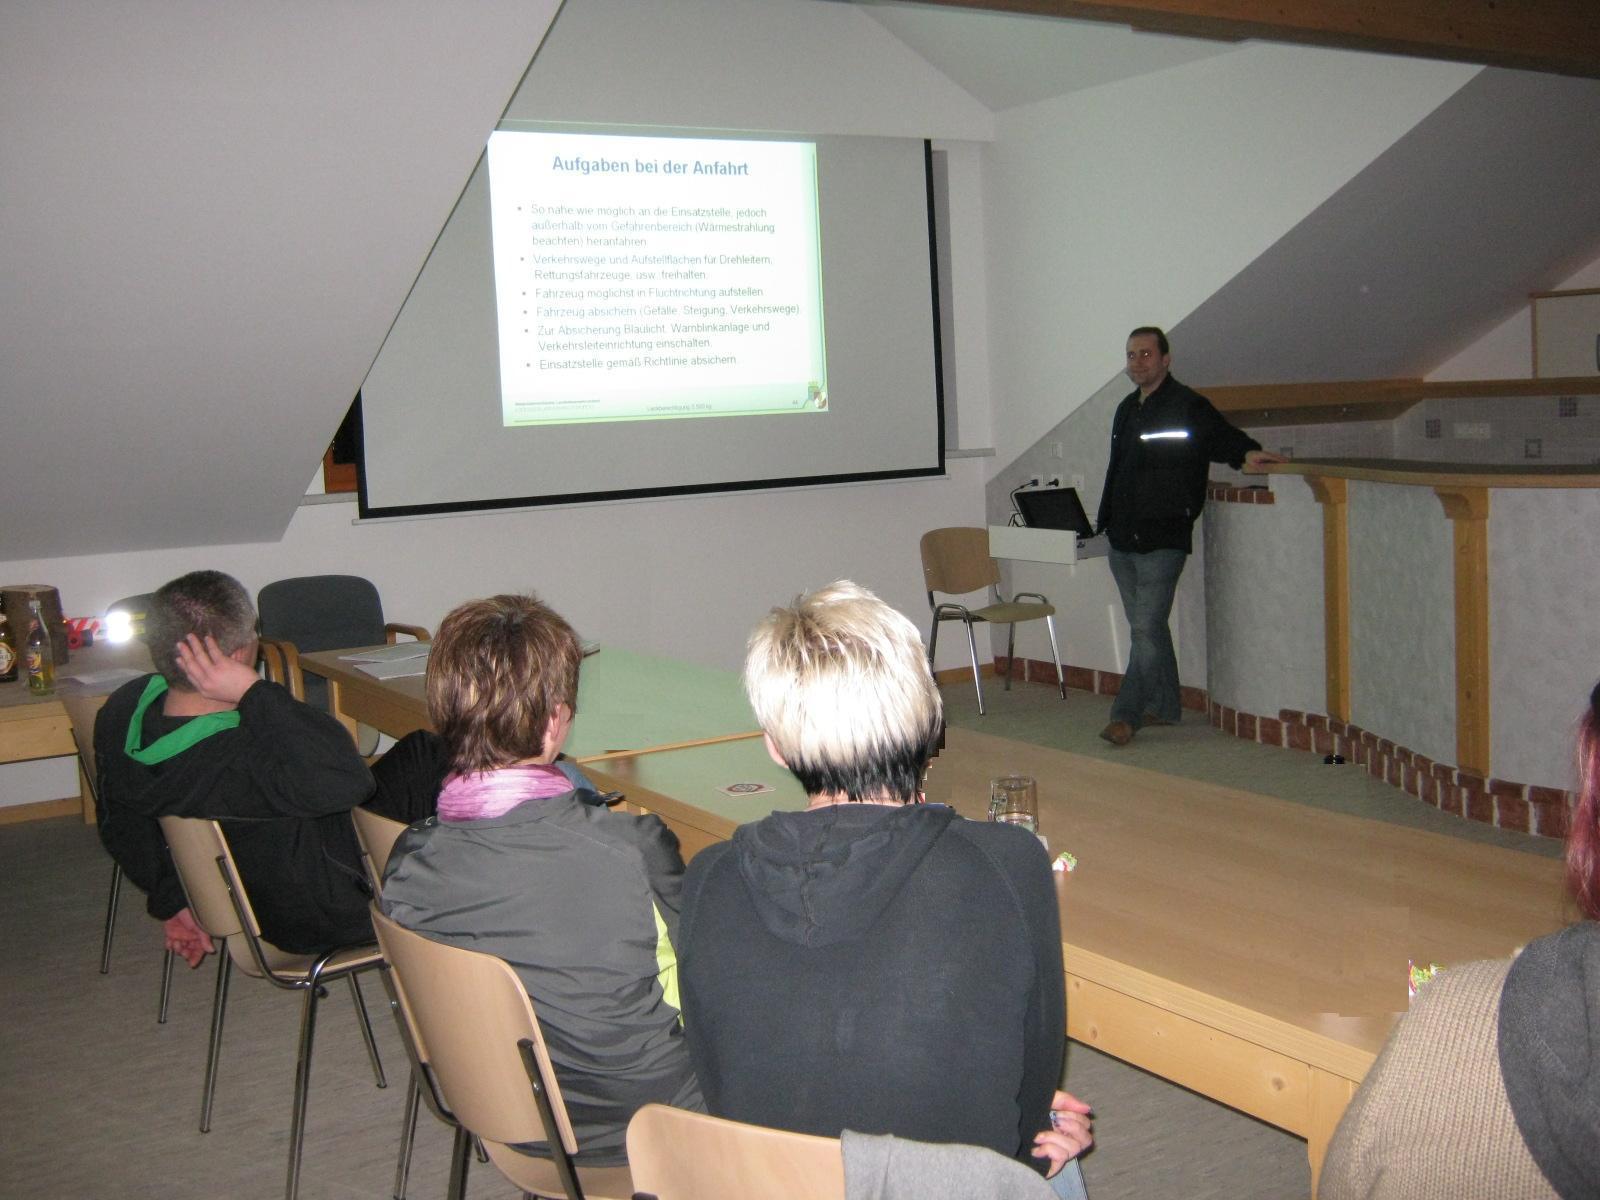 You are browsing images from the article: Ausbildung zum Führerschein für 5,5 Tonnen höchstzulässiges Gesamtgewicht